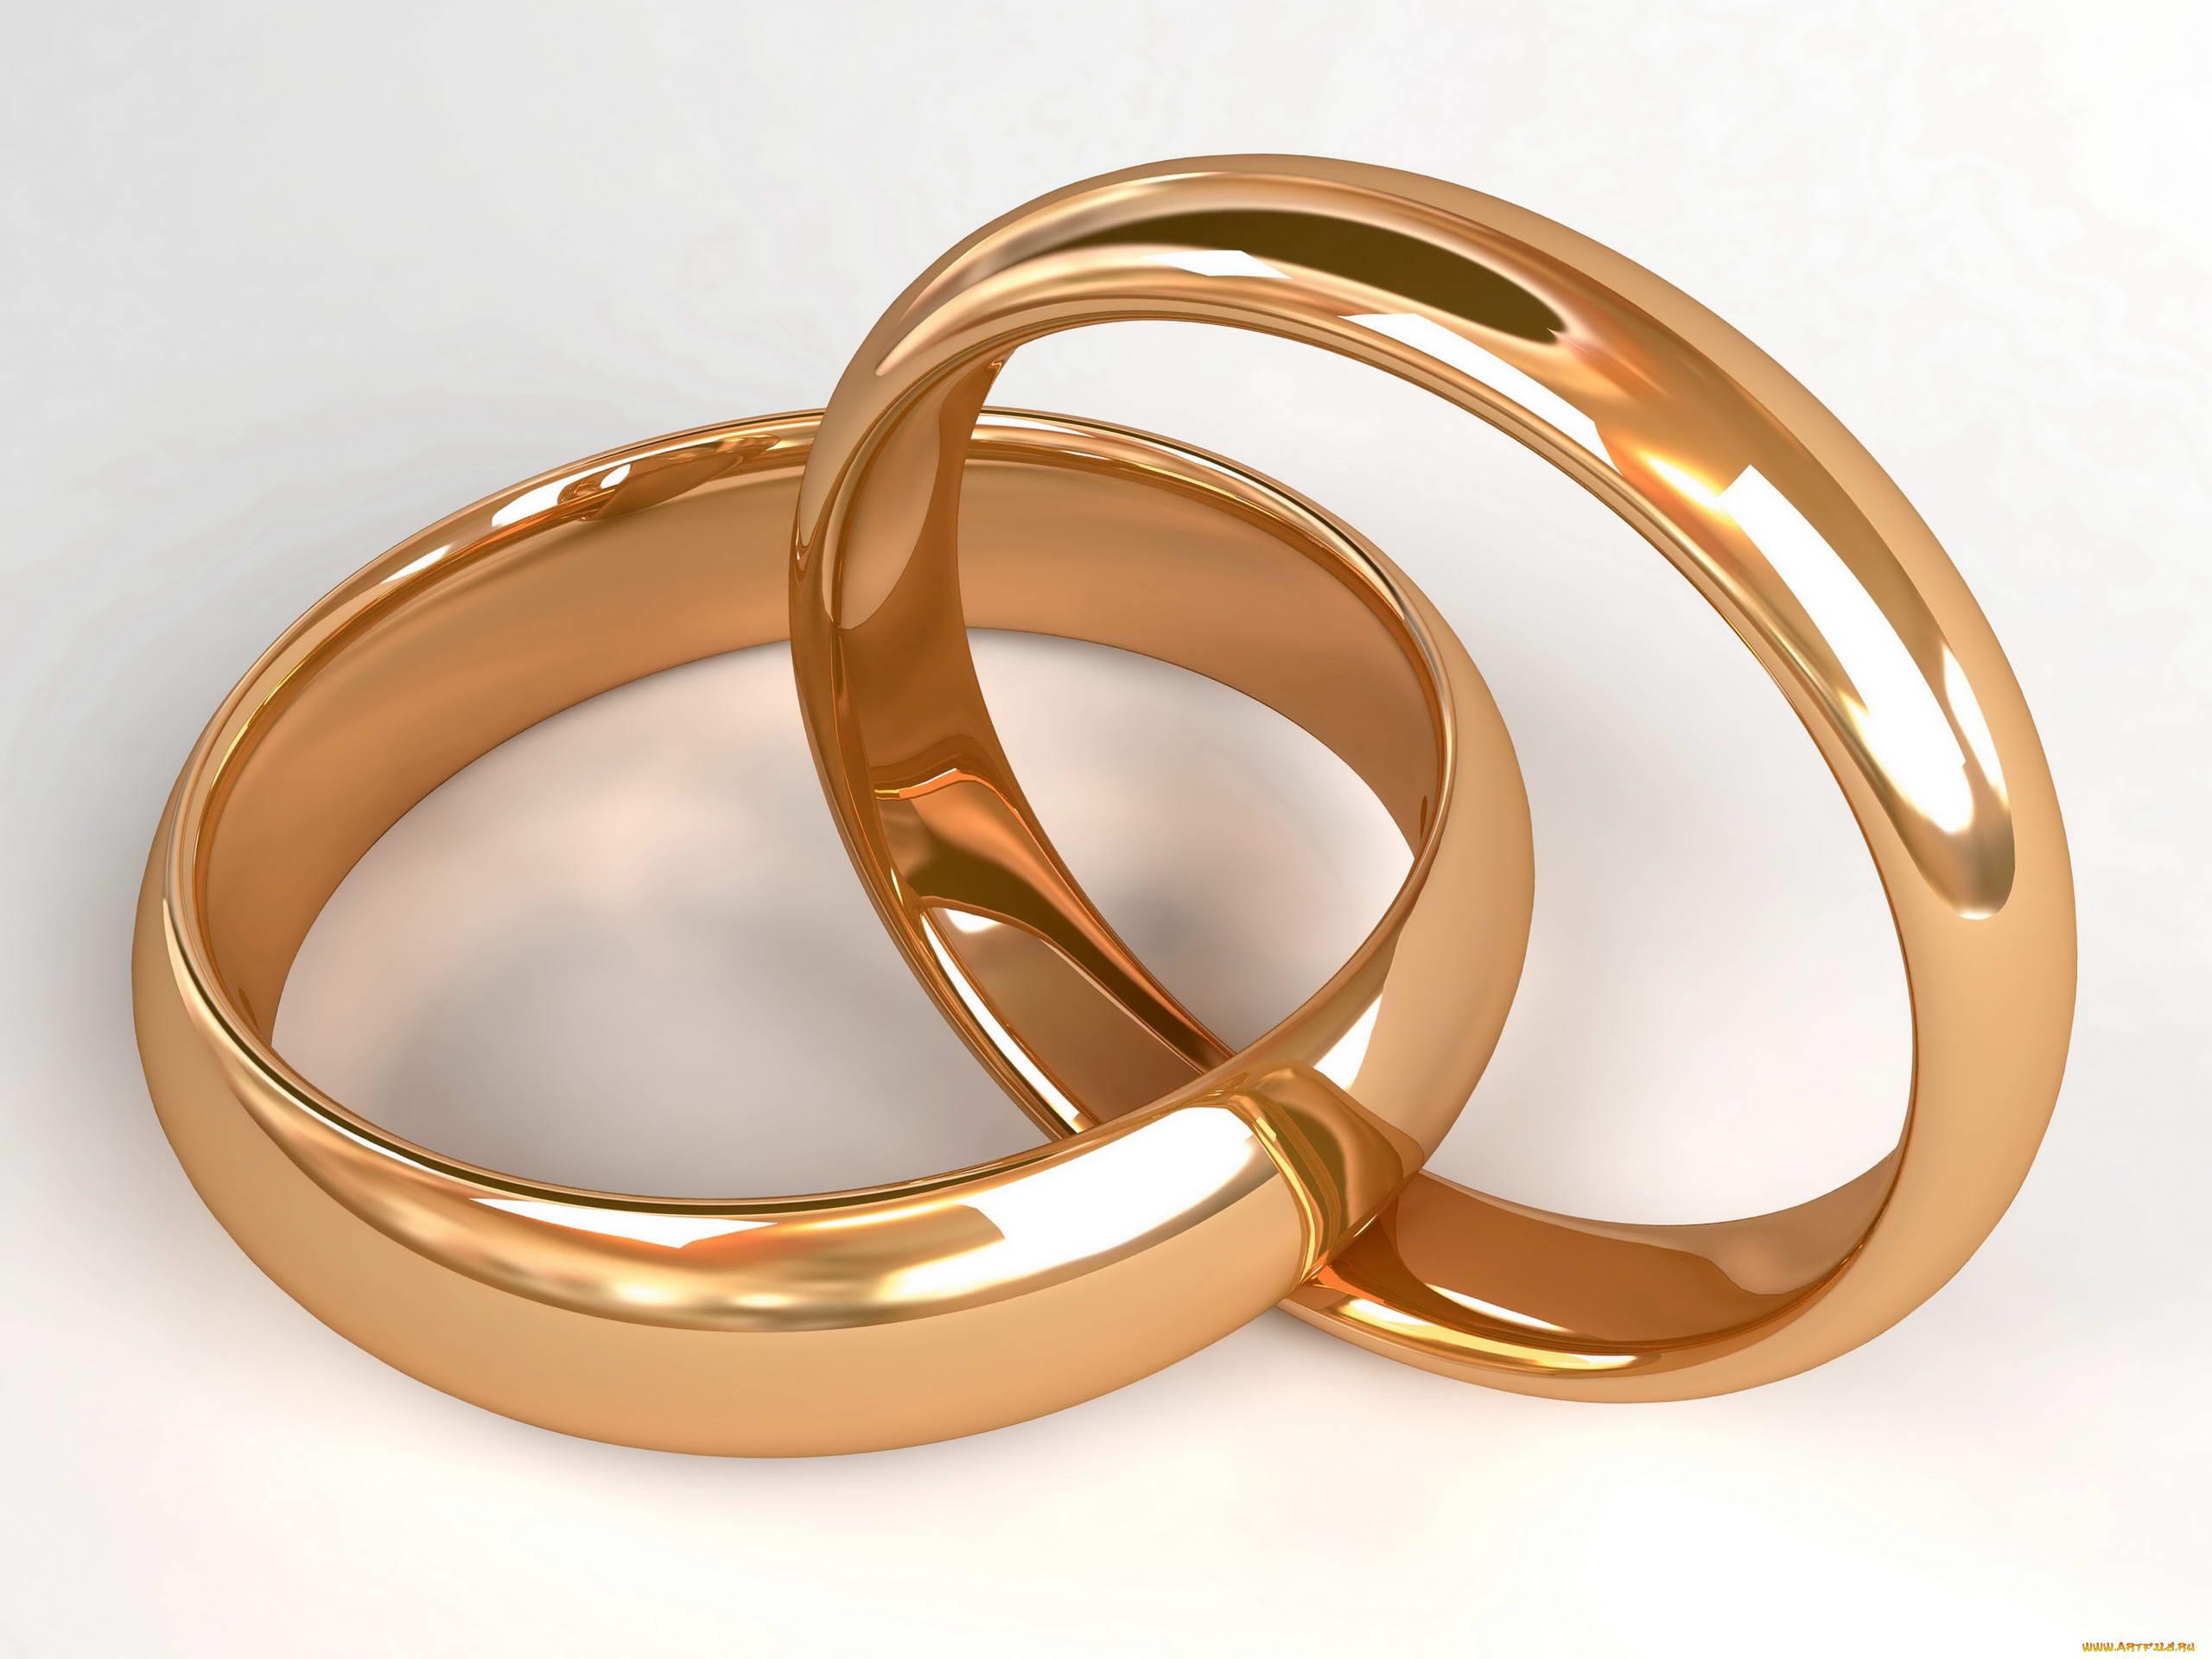 Обручальные кольца фото для открытки